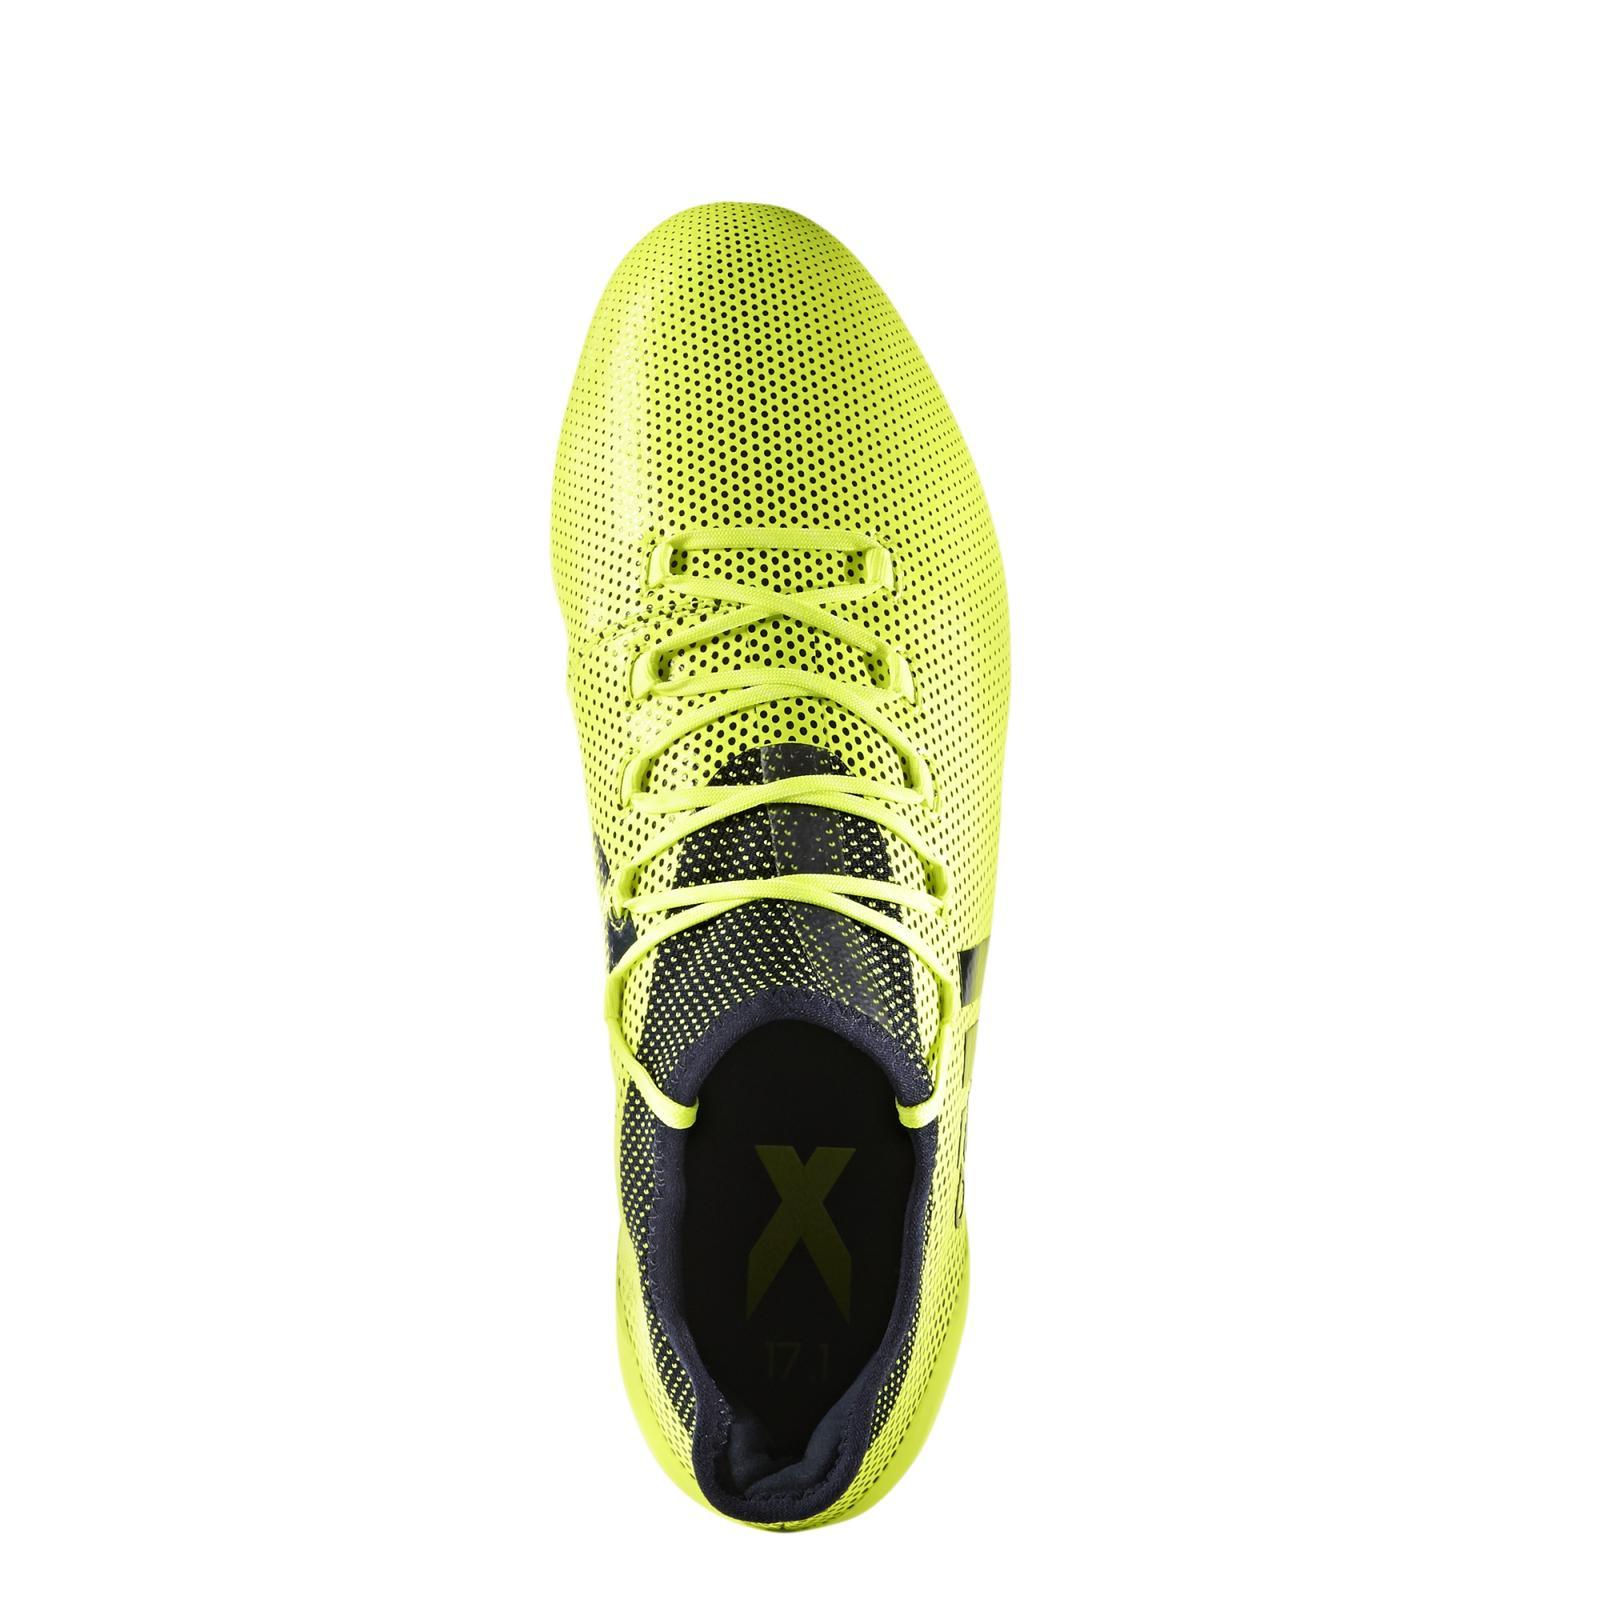 1 Schuhe Fußball S82314 Adidas Zu 17 Sg Rasen X Fußballschuhe Gelbschwarz Details Stollen vm8nwON0